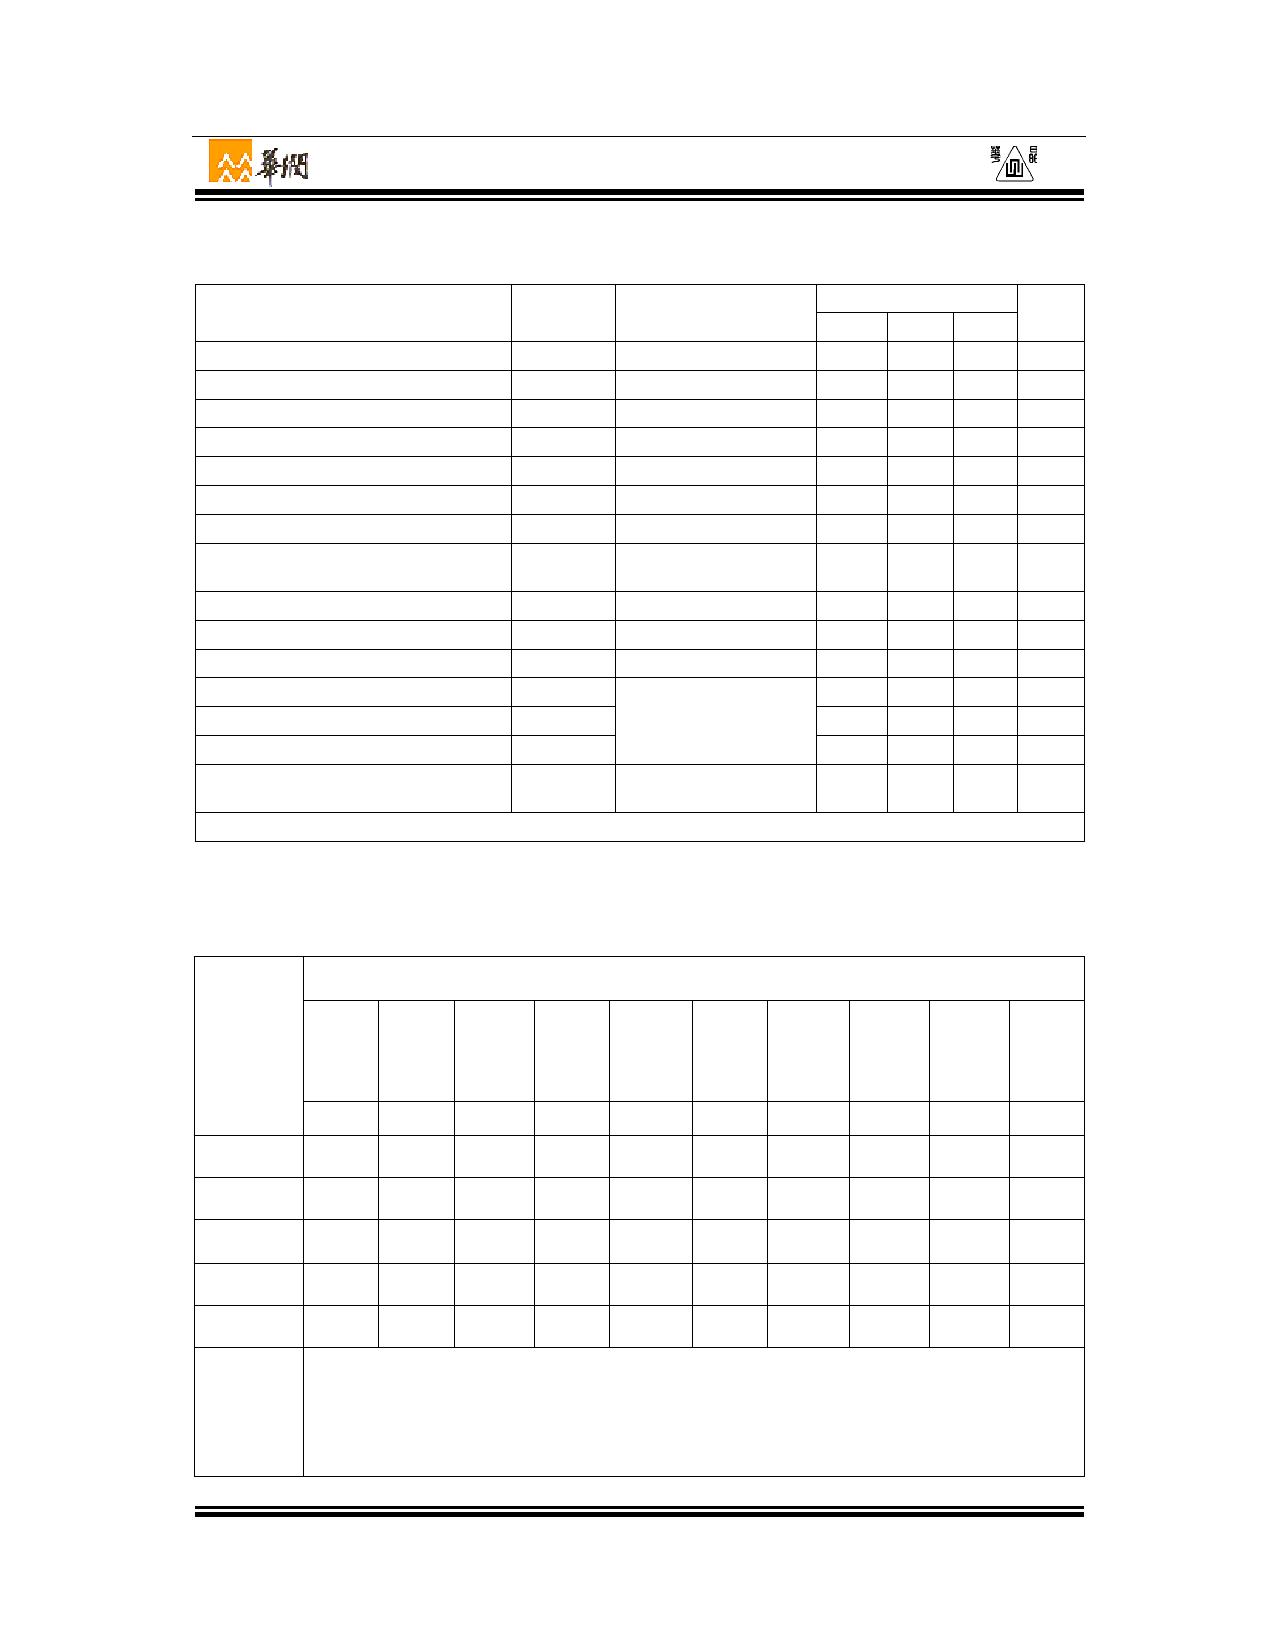 3DD127D pdf schematic